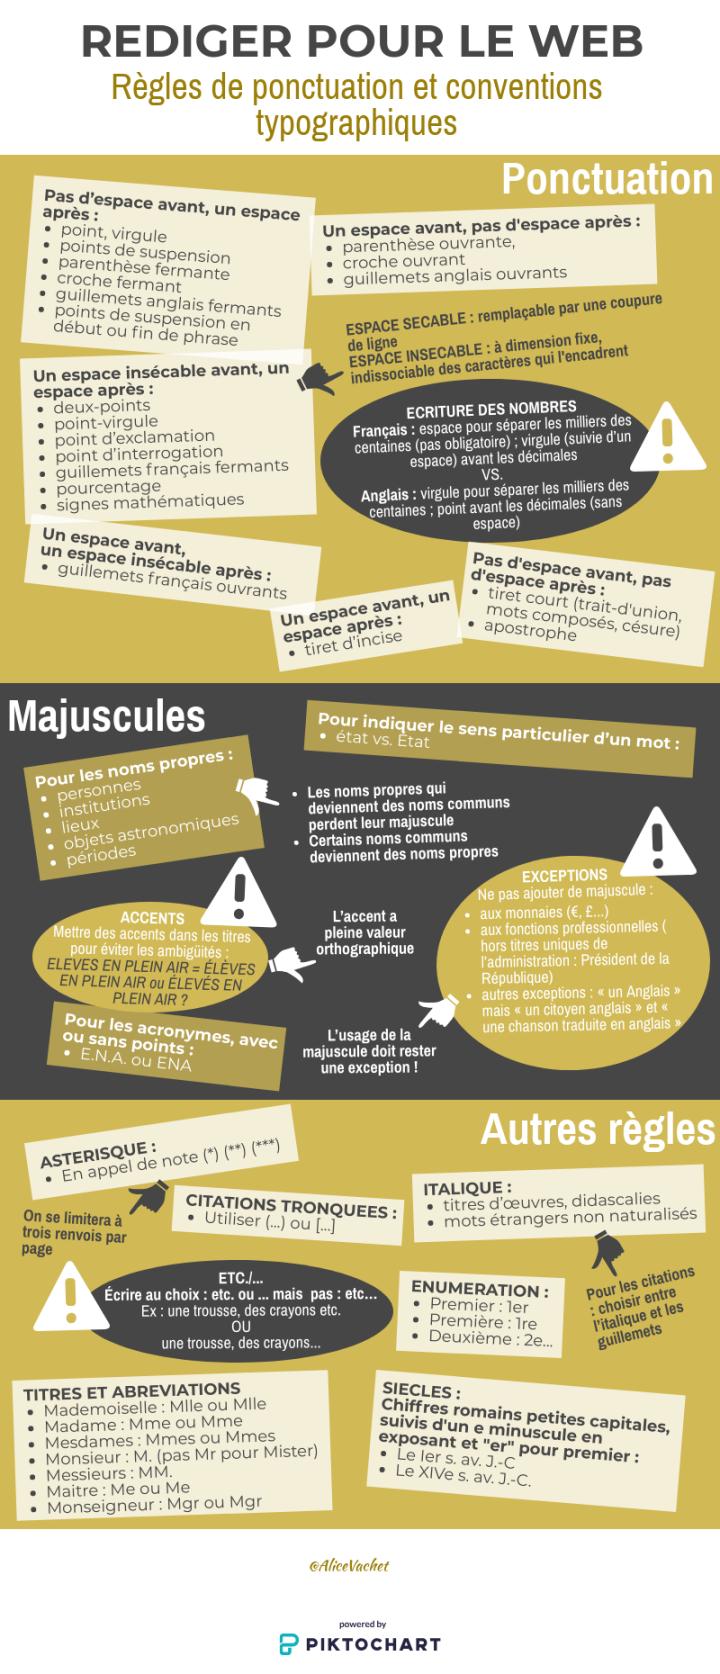 [Infographie] Rédiger pour le Web : Règles de Ponctuation & ConventionsTypographiques